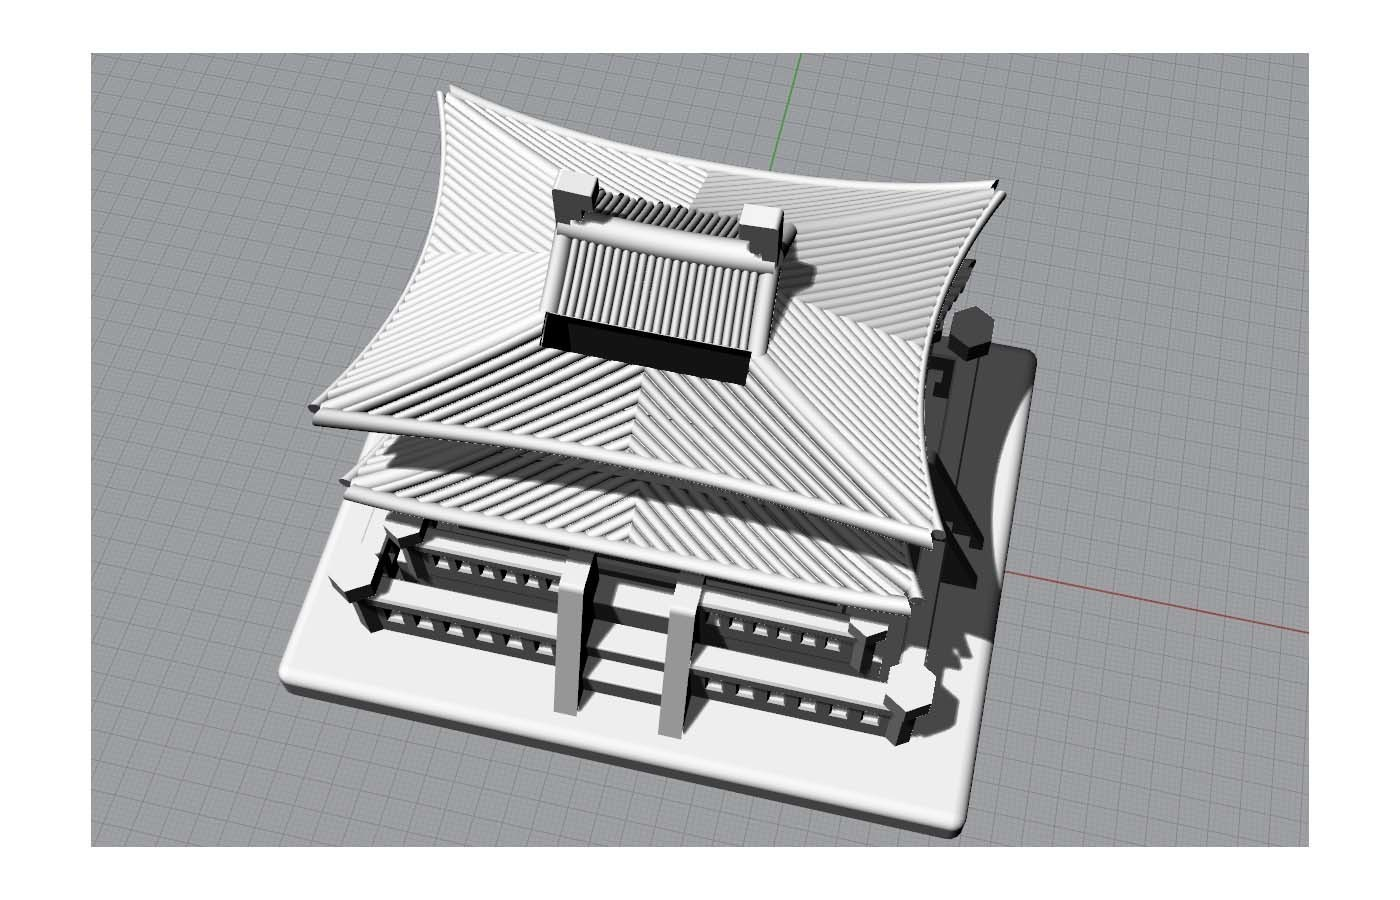 Korean Traditional Architecture Coin Bank jpg1.jpg Télécharger fichier STL gratuit Banque Coréenne d'Architecture Traditionnelle de Pièces de monnaie • Design imprimable en 3D, hyojung0320